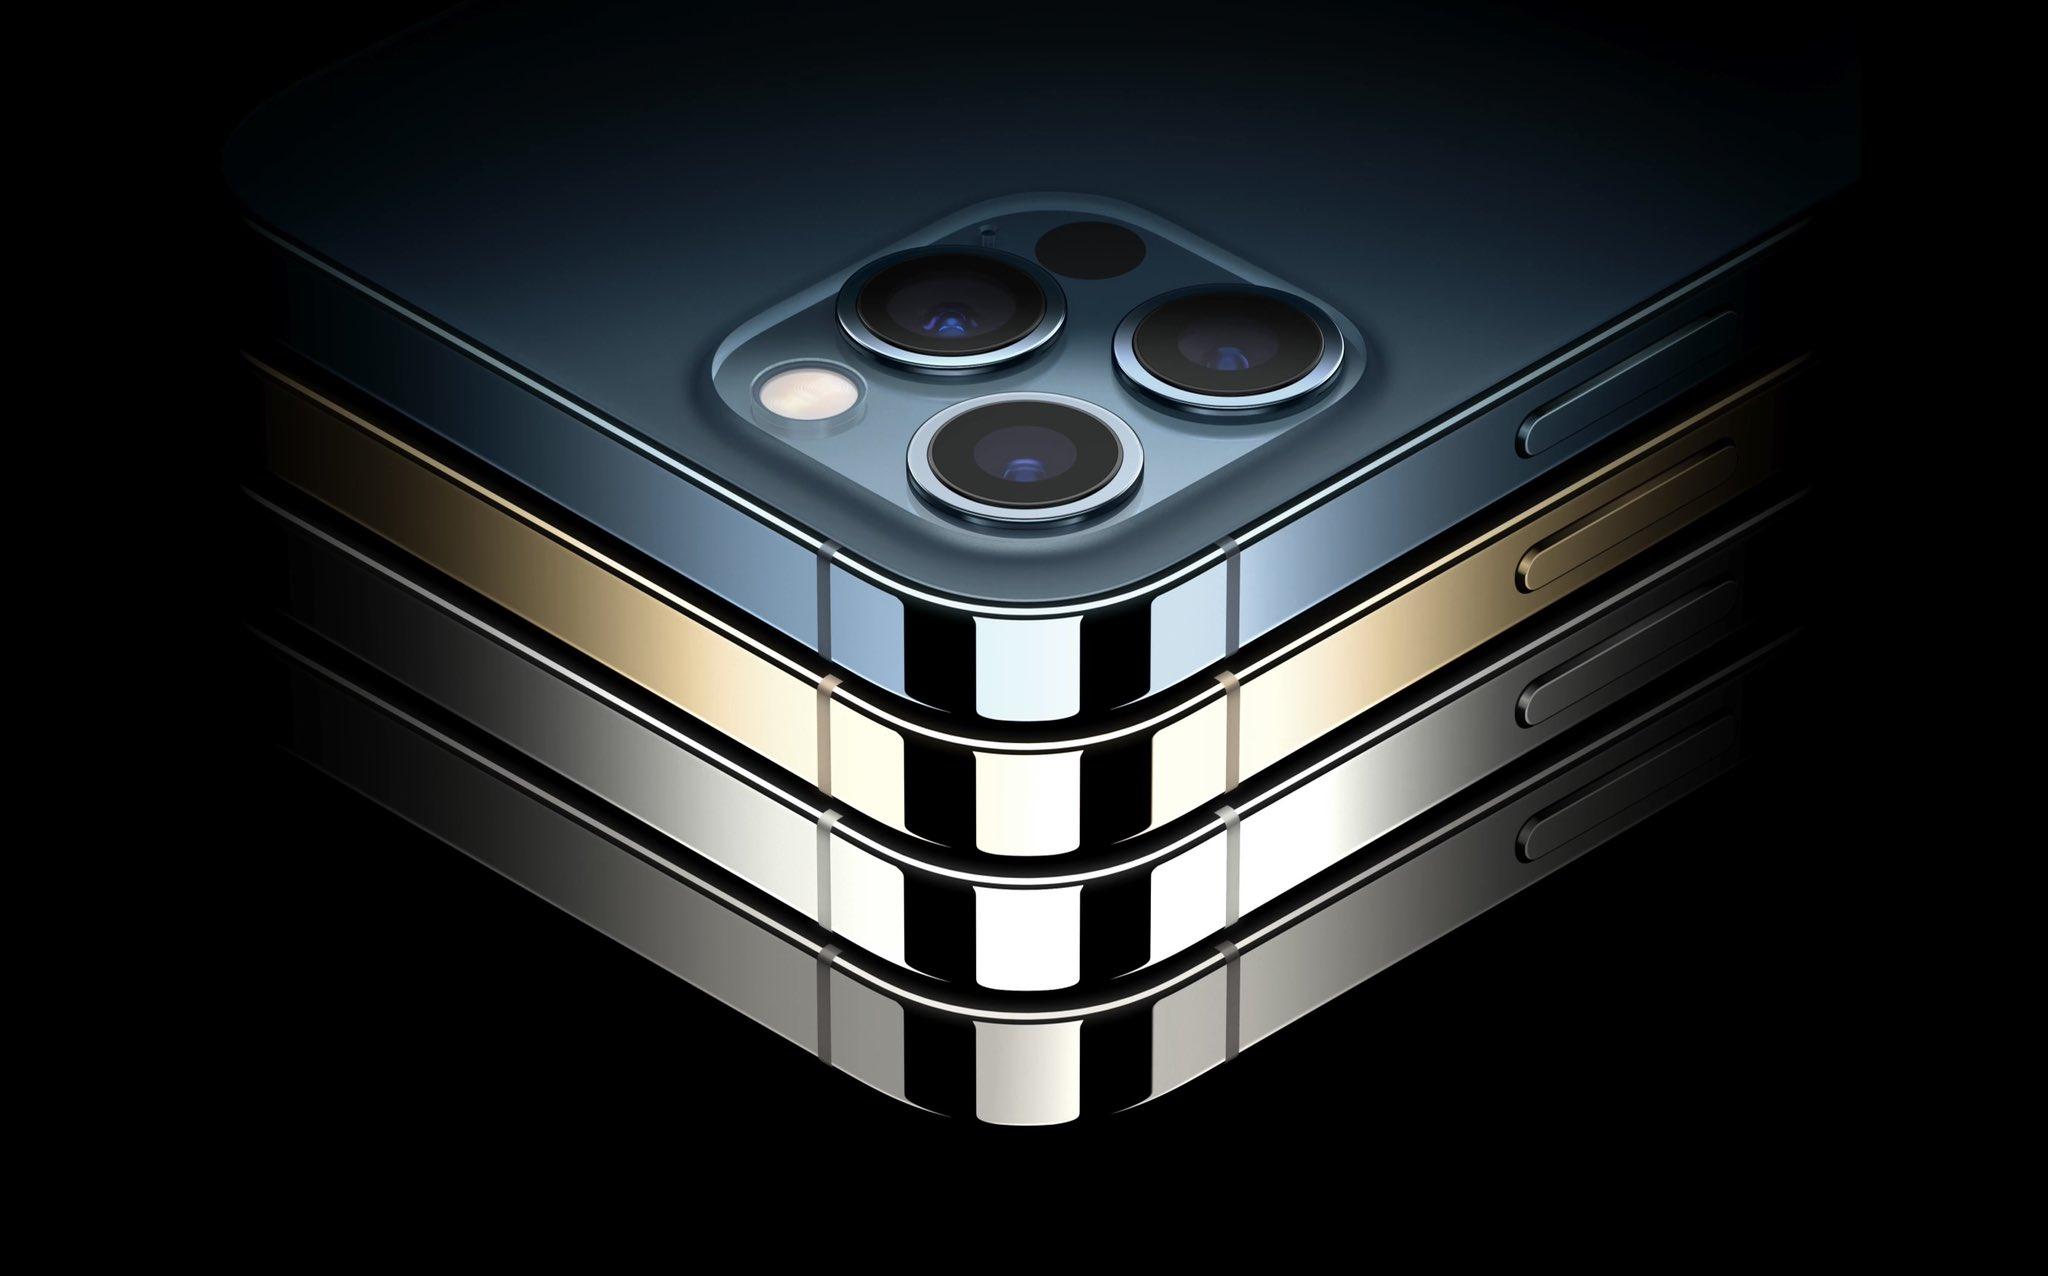 Представлены iPhone 12 Pro и iPhone 12 Pro Max